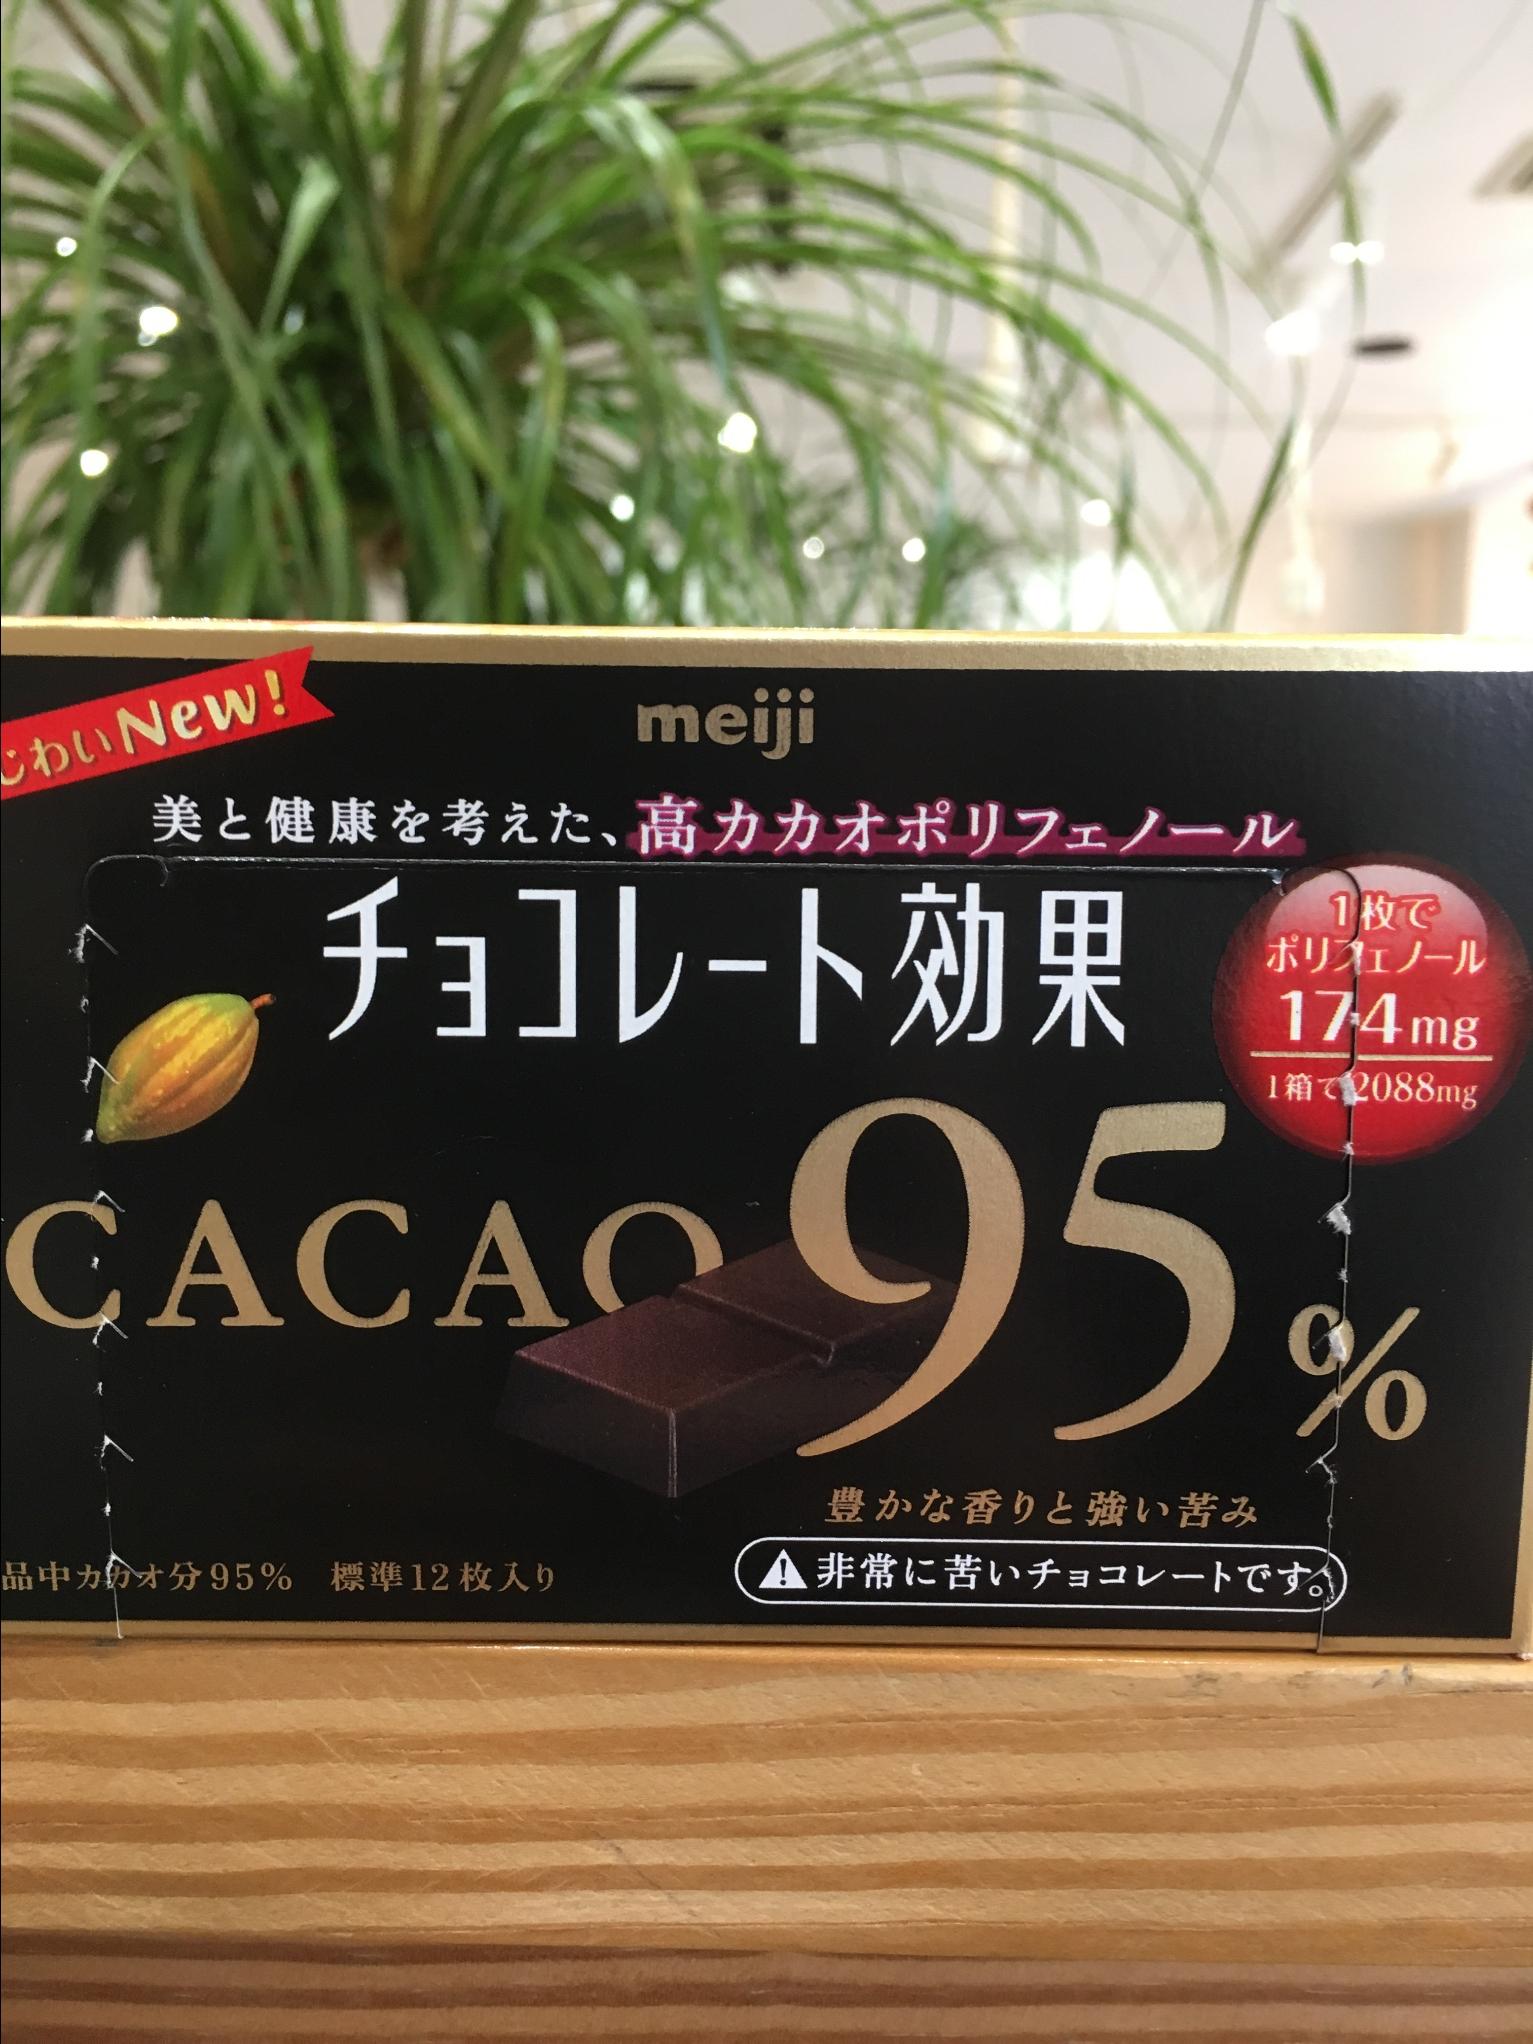 45a945cb-bbfc-4399-b451-cf6b6ddbc1b7.JPG